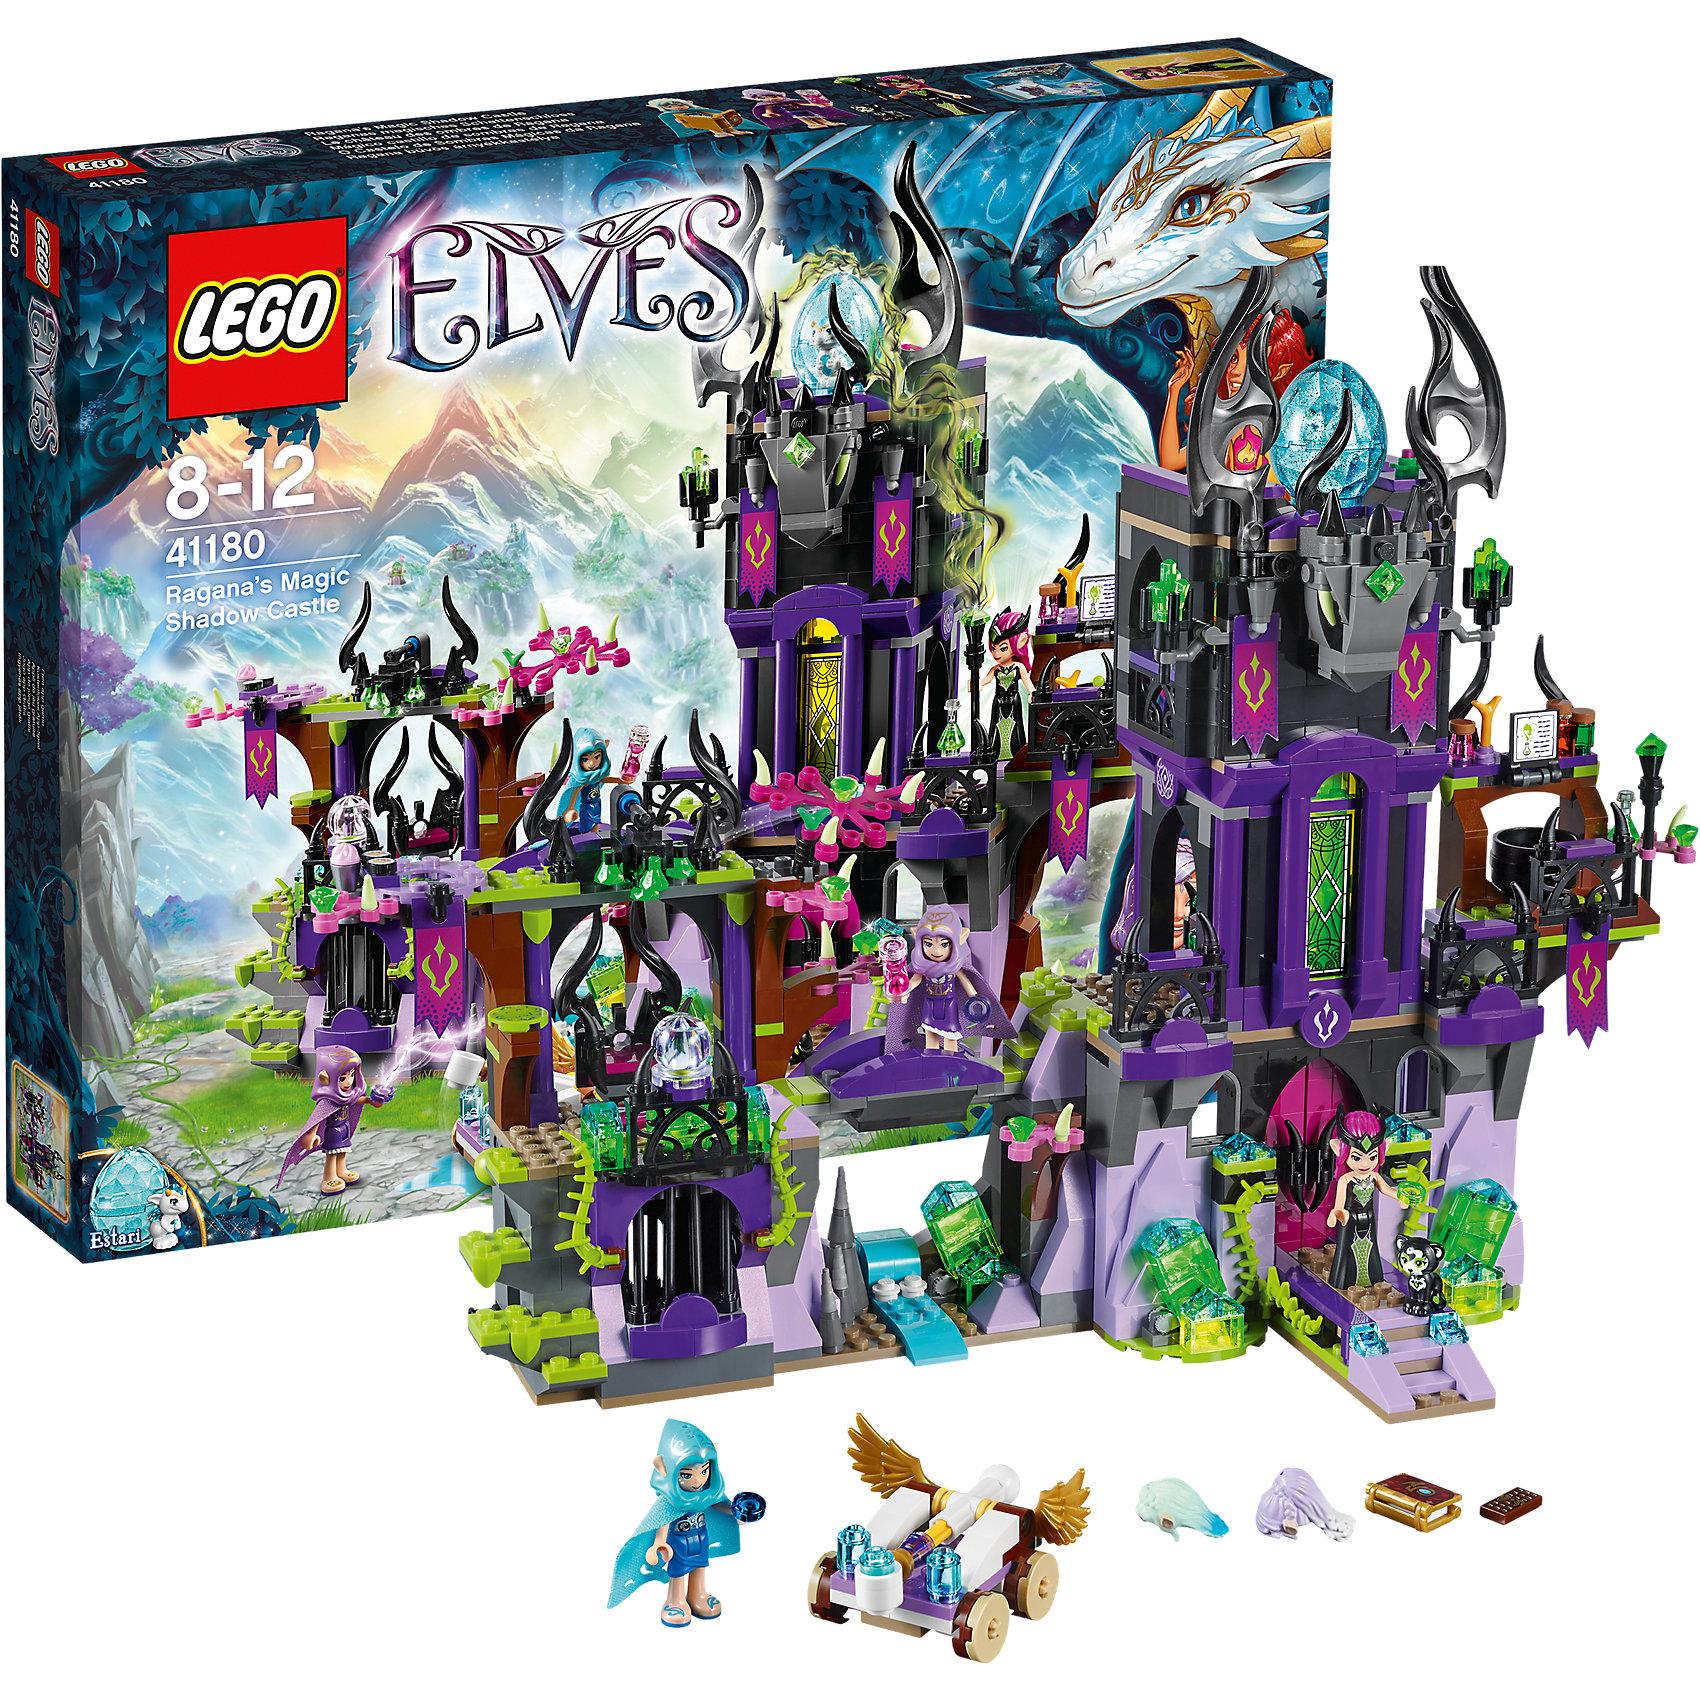 LEGO Elves 41180: Замок теней РаганыКонструкторы из серии LEGO Elves полюбились многим современным детям, поэтому набор Лего, из которого можно собрать разные сюжеты про героев и её приключения, обязательно порадует ребенка. Такие игрушки помогают детям развивать воображение, мелкую моторику, логику и творческое мышление.<br>Набор состоит из множества деталей, с помощью которых можно  собрать декорации для игр, а также в нем есть фигурки любимых персонажей! С таким комплектом можно придумать множество игр!<br><br>Дополнительная информация:<br><br>цвет: разноцветный;<br>размер коробки: 48 х 7 х 38 см;<br>вес: 1369 г;<br>материал: пластик;<br>количество деталей: 1014.<br><br>Набор Замок теней Раганы от бренда LEGO Elves можно купить в нашем магазине.<br><br>Ширина мм: 472<br>Глубина мм: 375<br>Высота мм: 76<br>Вес г: 1415<br>Возраст от месяцев: 96<br>Возраст до месяцев: 144<br>Пол: Женский<br>Возраст: Детский<br>SKU: 4641234